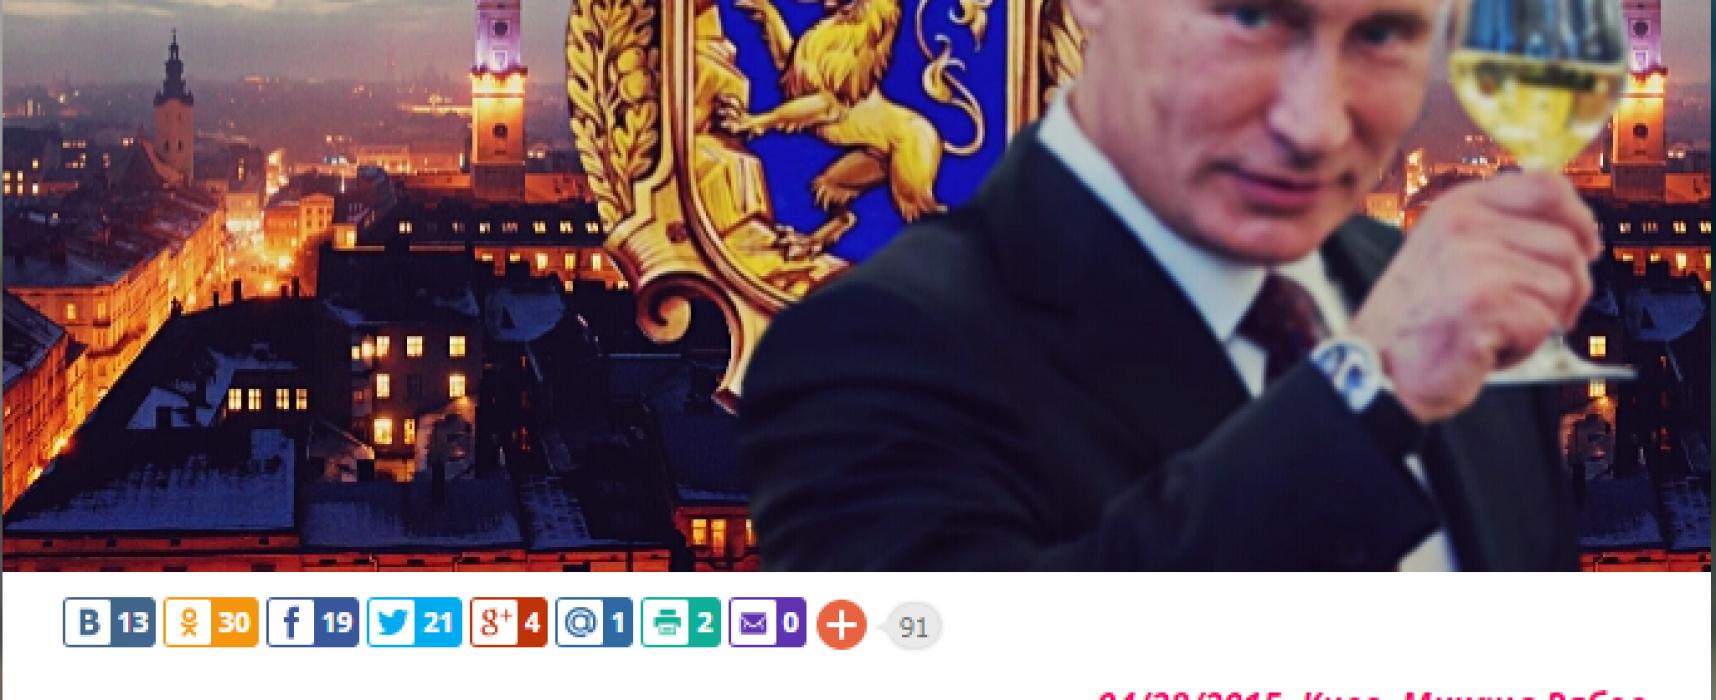 Фейк: Львов требует признать Крым и Донбасс территориями России